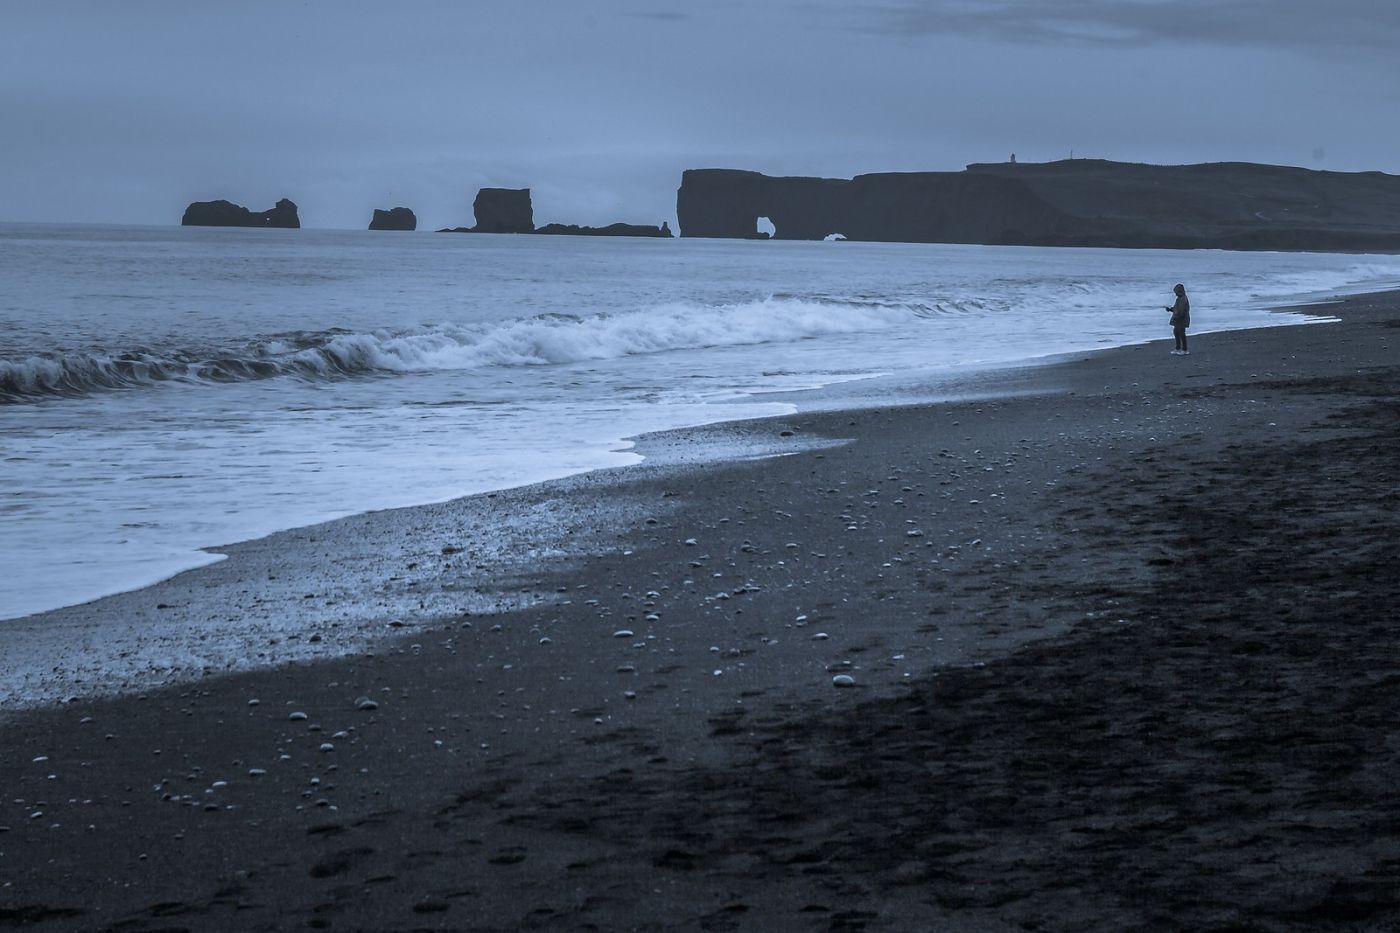 冰岛雷尼斯法加拉黑沙滩(Reynisfjara Black Sand Beach)_图1-4